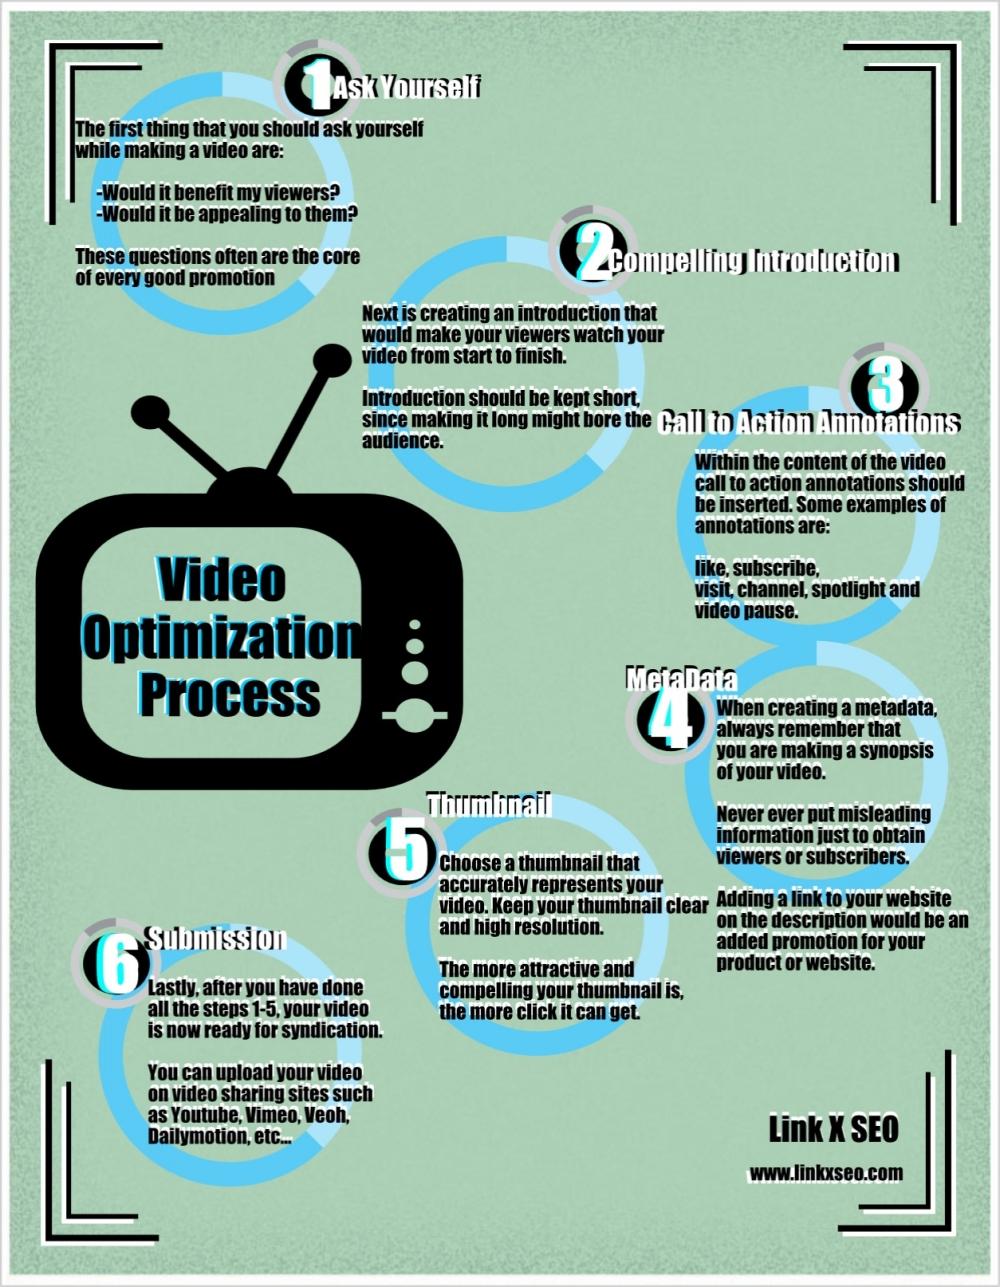 video-optimization-process